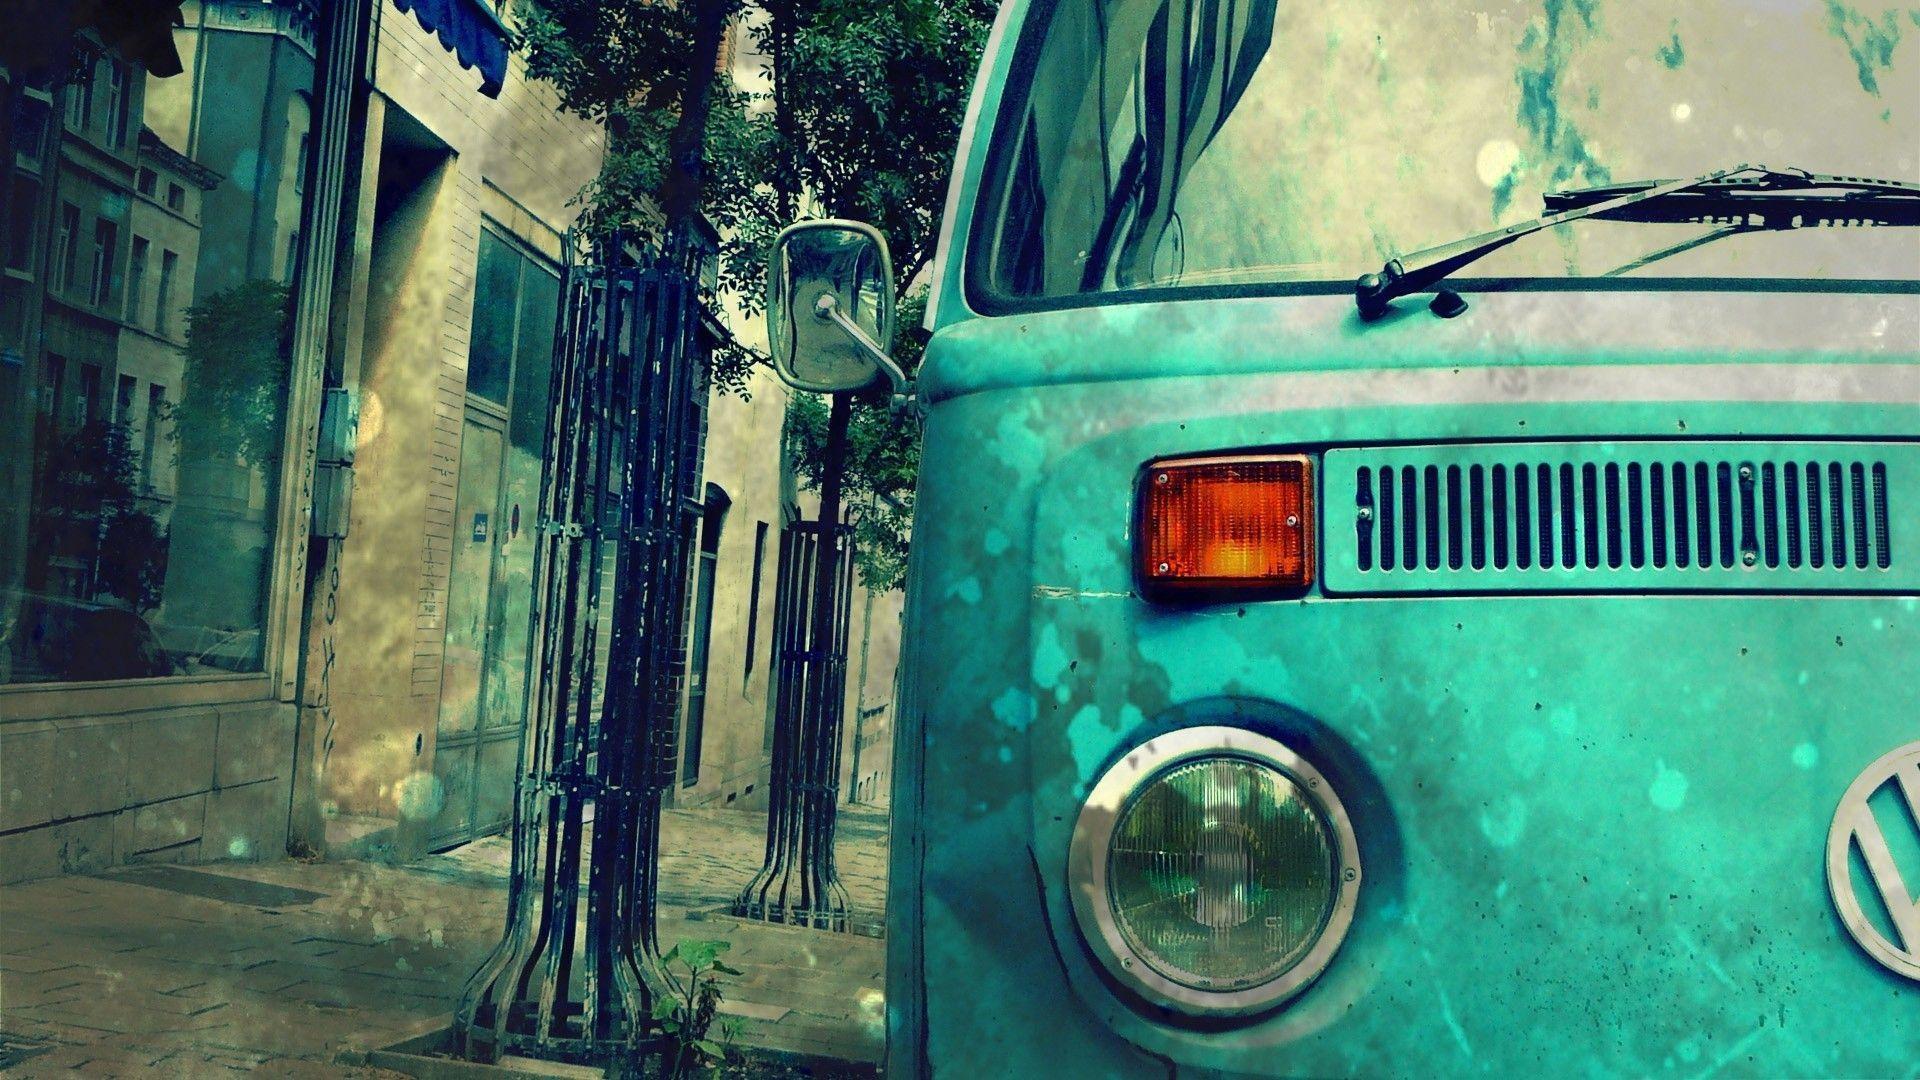 volkswagen buses wallpaper screensavers - photo #30